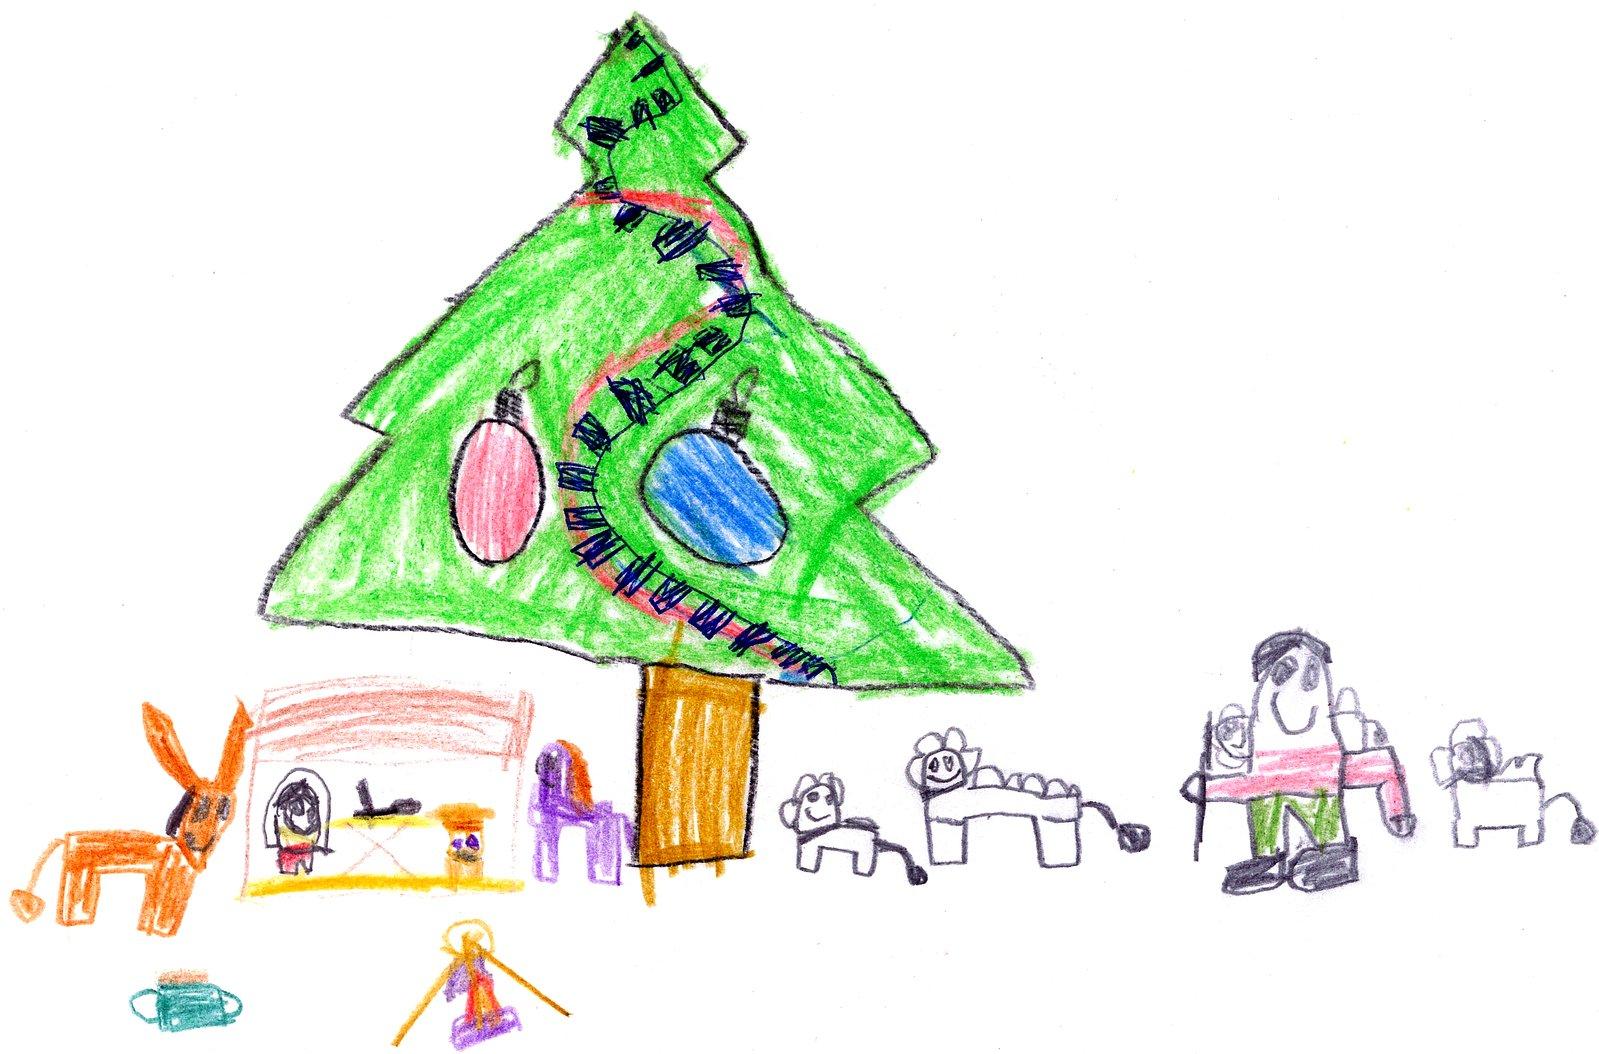 Free Kinder Weihnachten Landschaft zeichnen Stock Photo - FreeImages.com